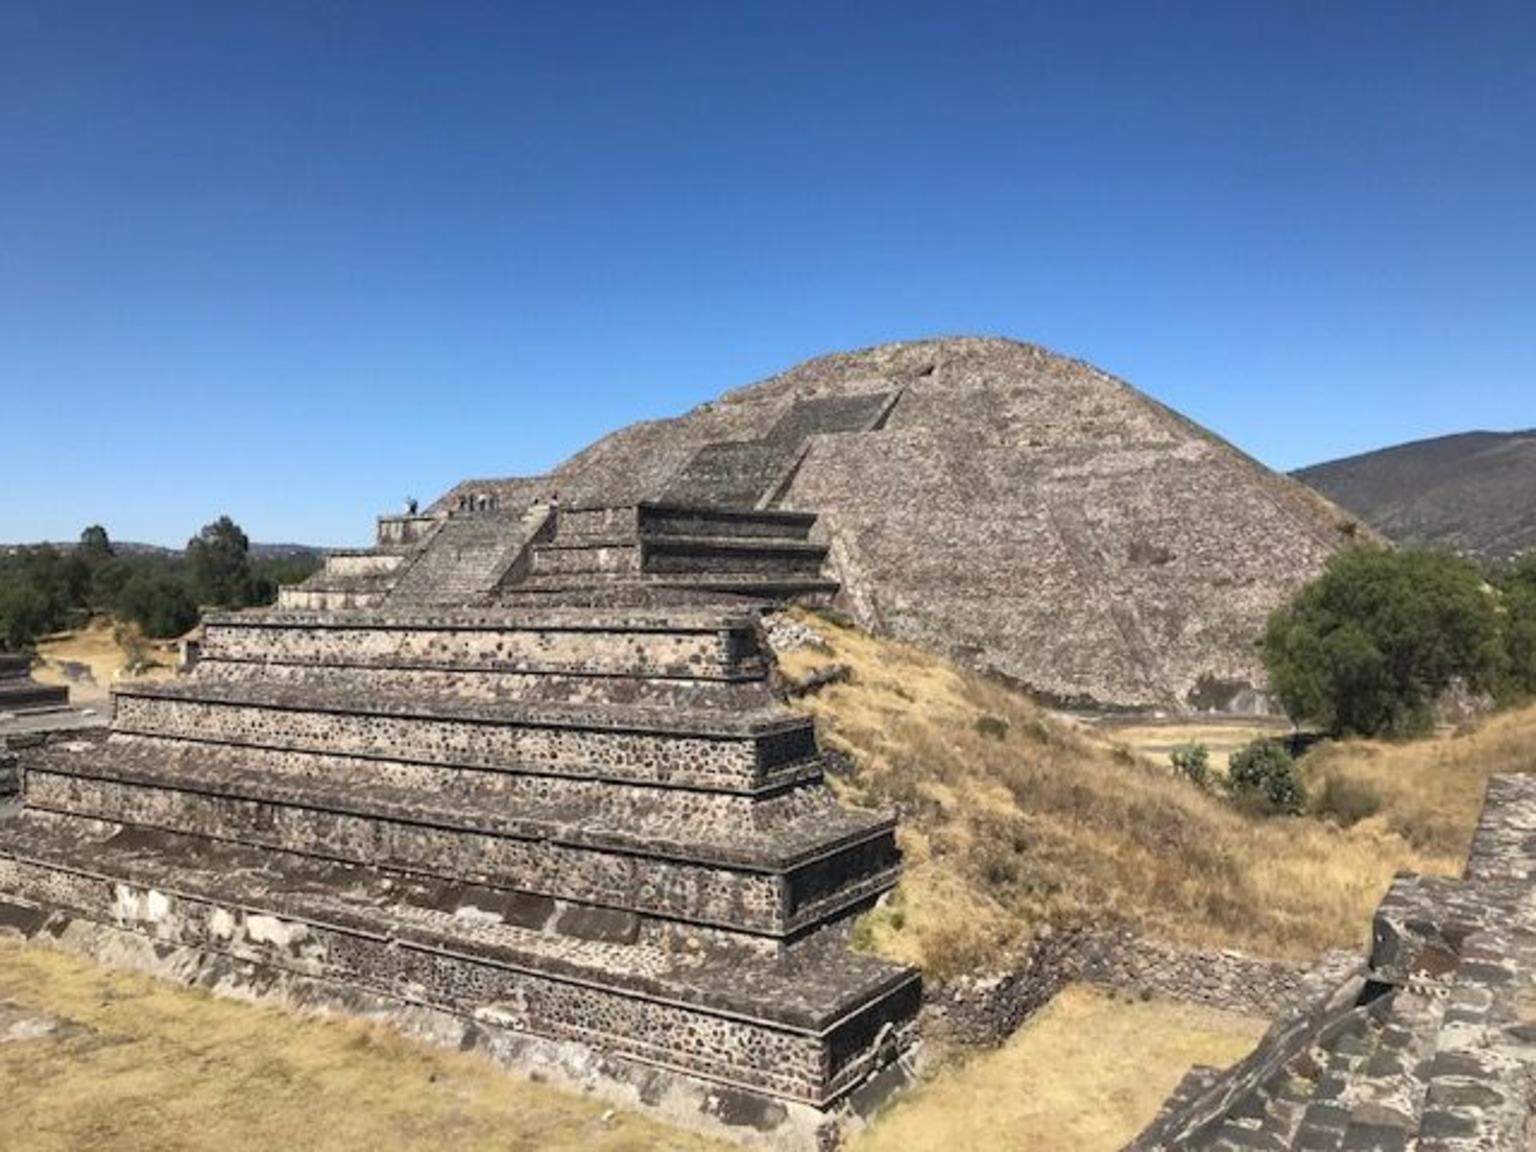 MAIS FOTOS, Excursão para grupos pequenos para as Pirâmides de Teotihuacán, saindo da Cidade do México